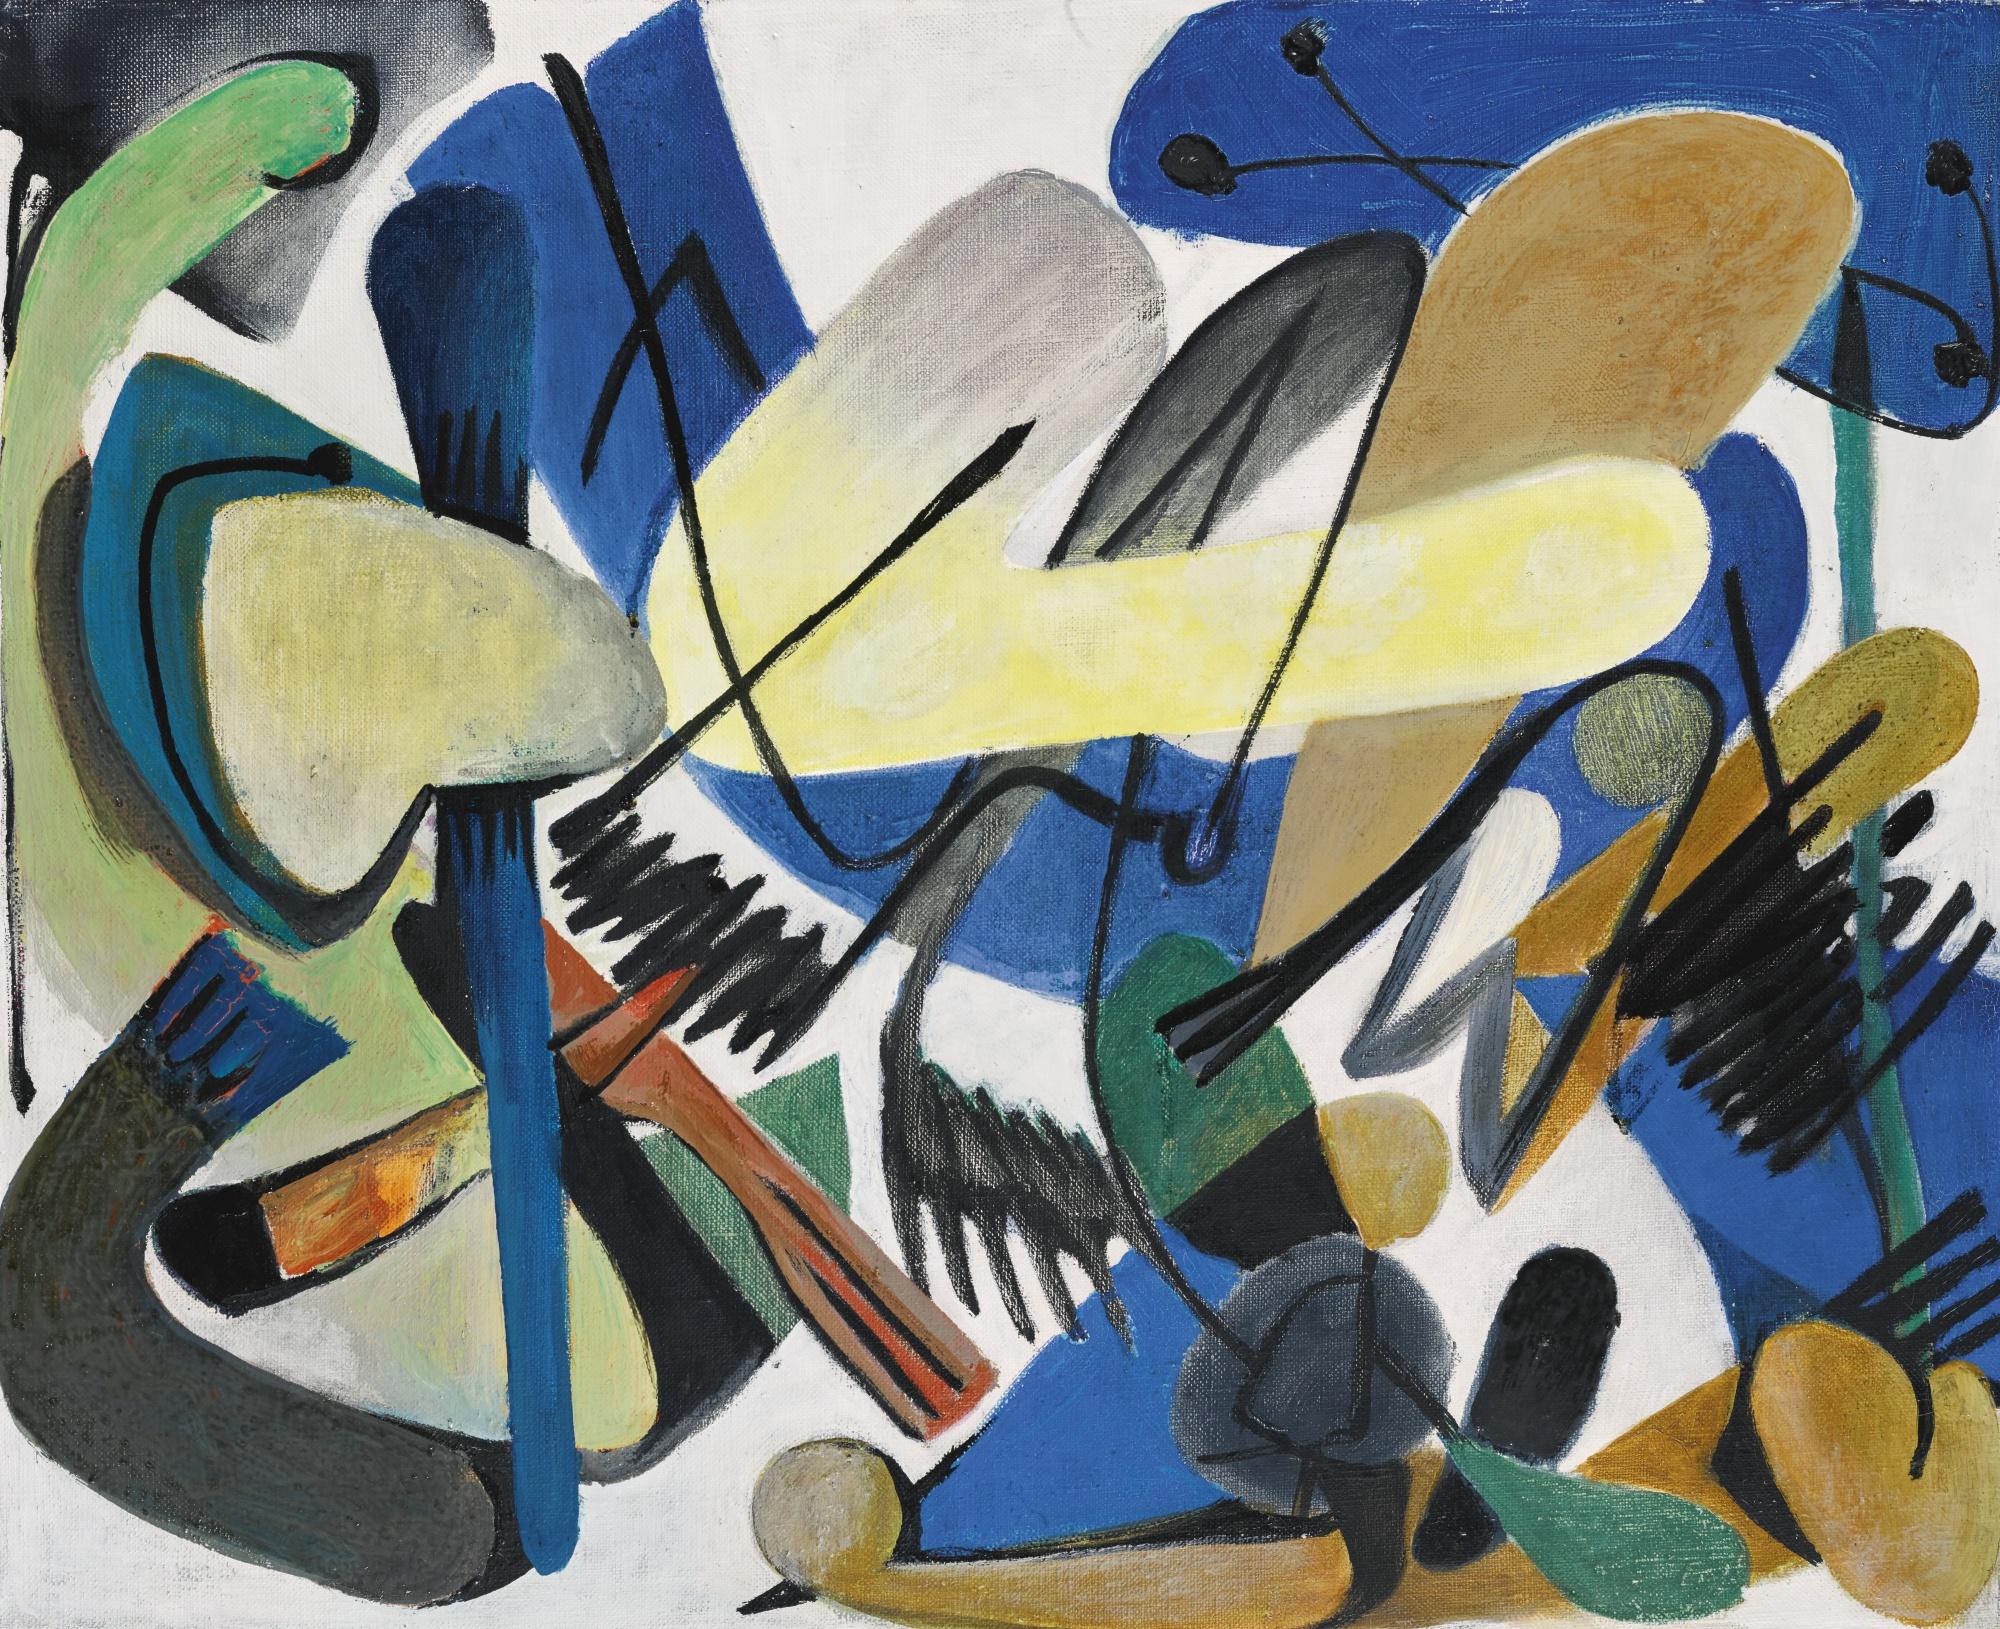 Georg Meistermann-Ohne Titel (Schwarz) (Untitled (Black))-1952